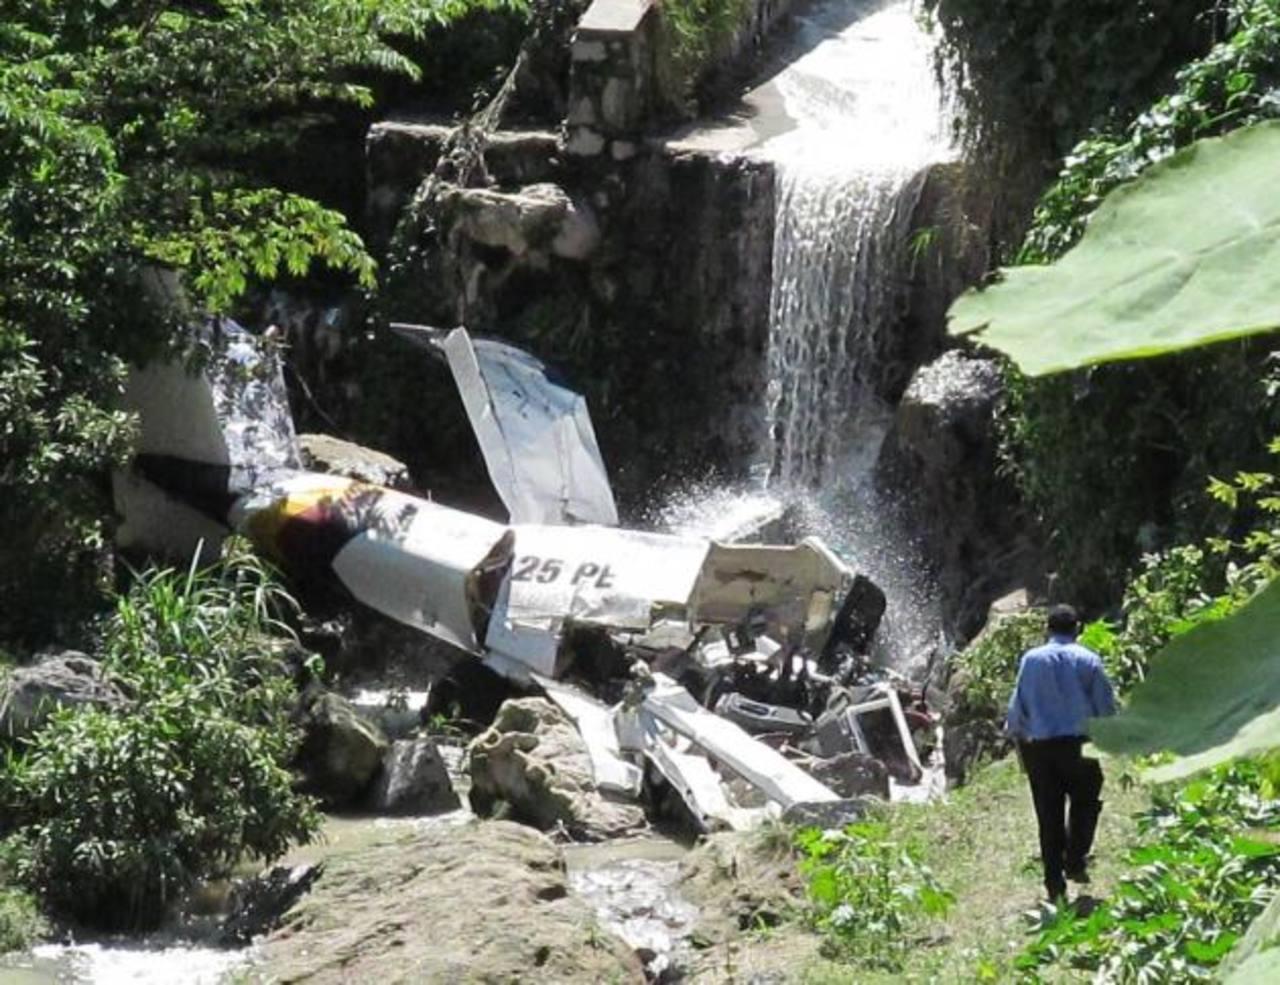 El accidente aéreo del 13 de julio de año pasado llegó a los tribunales de Soyapango. Los padres de dos de las tres víctimas pretenden evitar más tragedias de este tipo. Foto EDH / Archivo.